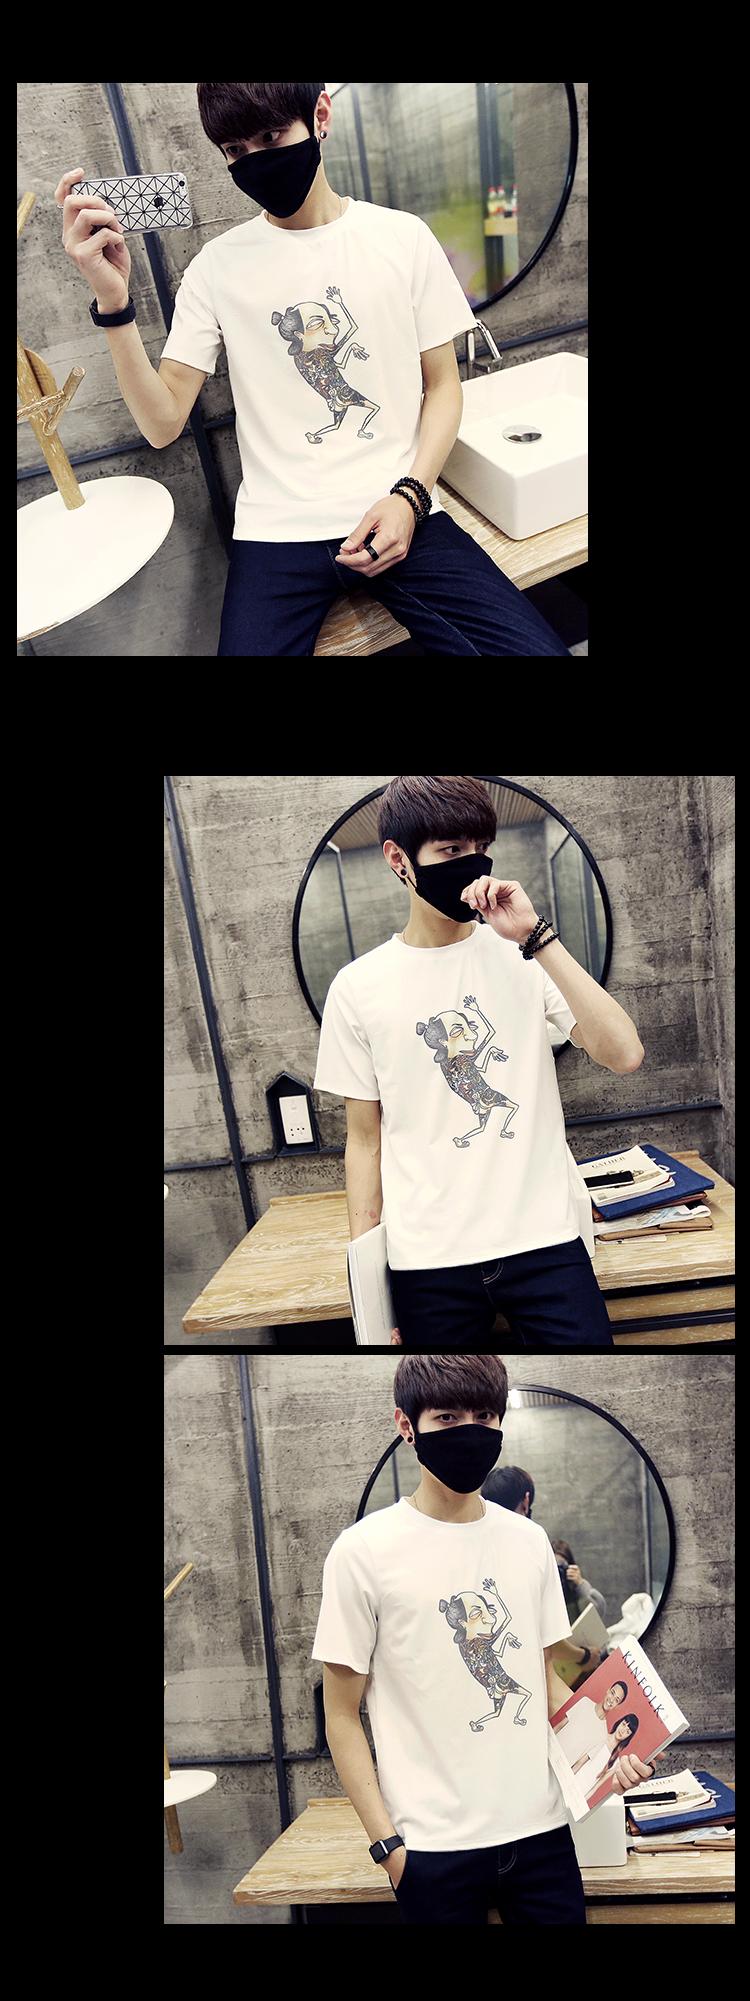 宝芮雅莉t恤2016潮男夏季新款上市时尚印花字母卡通搞笑人物短袖t恤